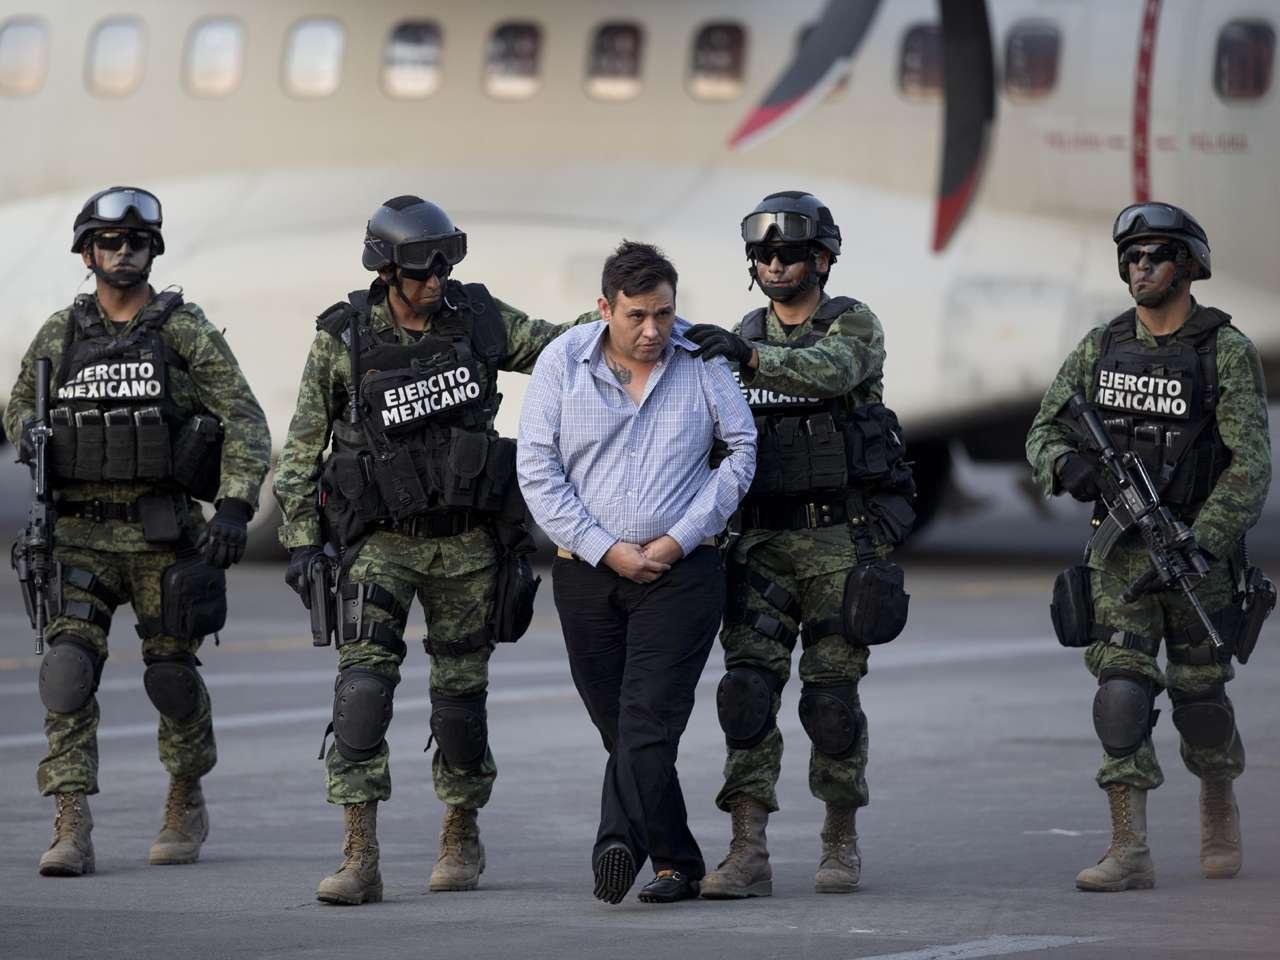 """El líder máximo del cártel de """"Los Zetas"""", Omar Treviño Morales, fue capturado por fuerzas federales mexicanas. Foto: AP en español"""